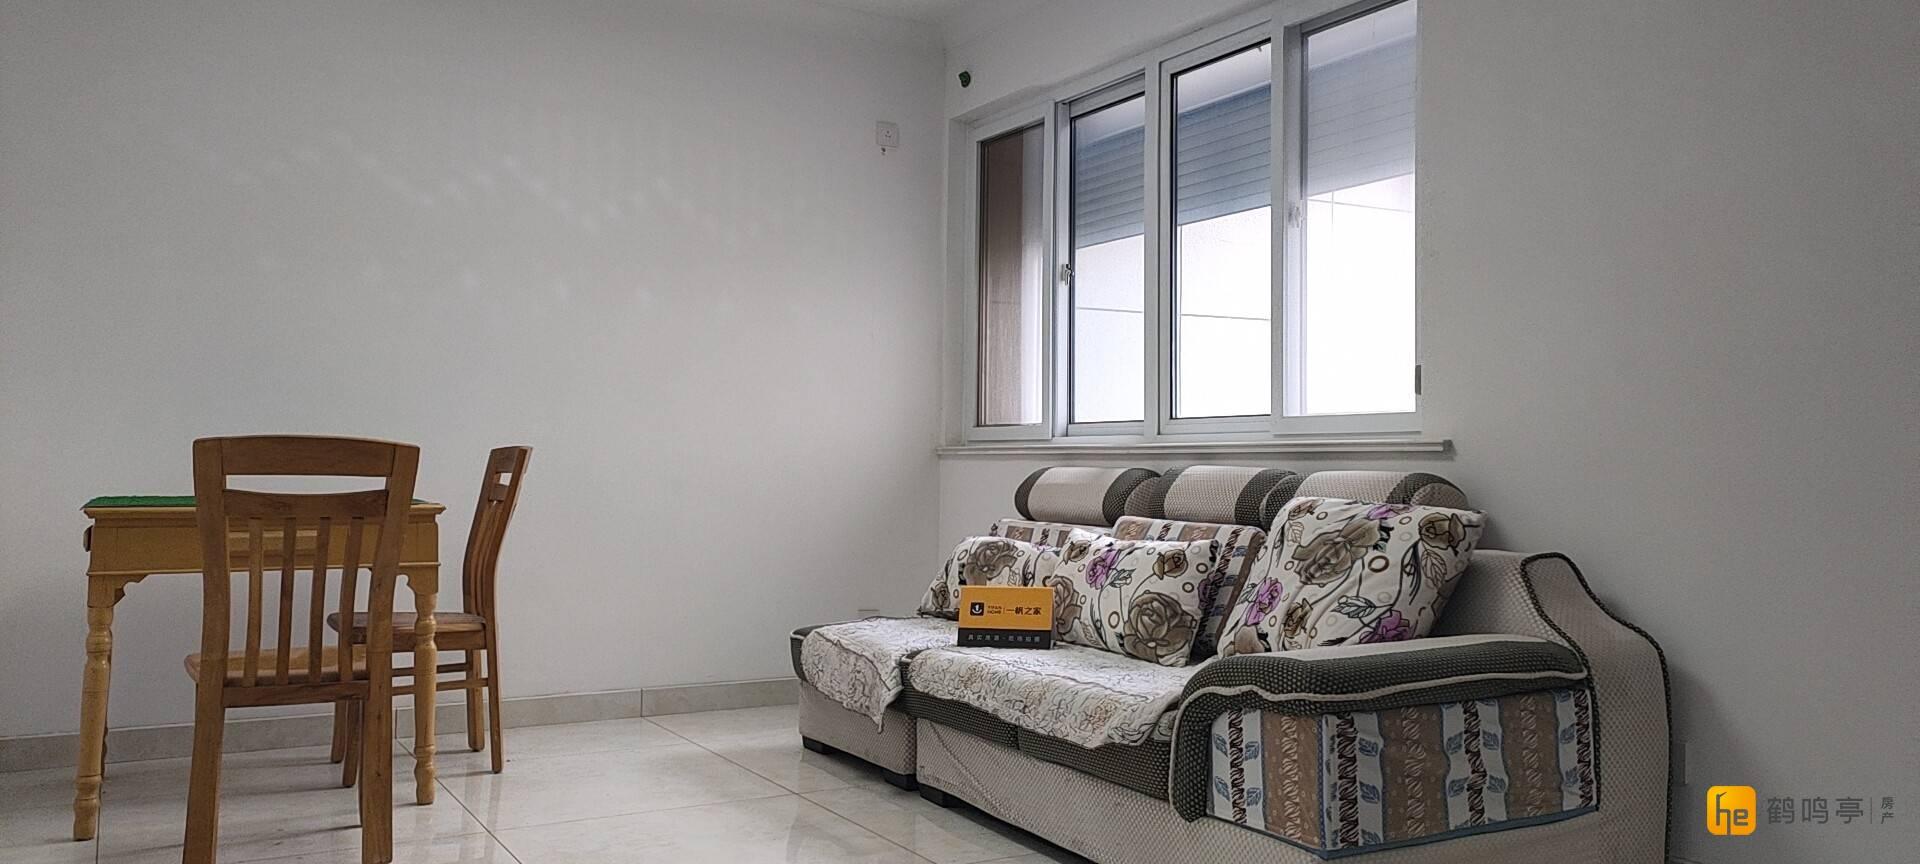 开发区商业街 新河家园 精装小两房 80.44平  125万